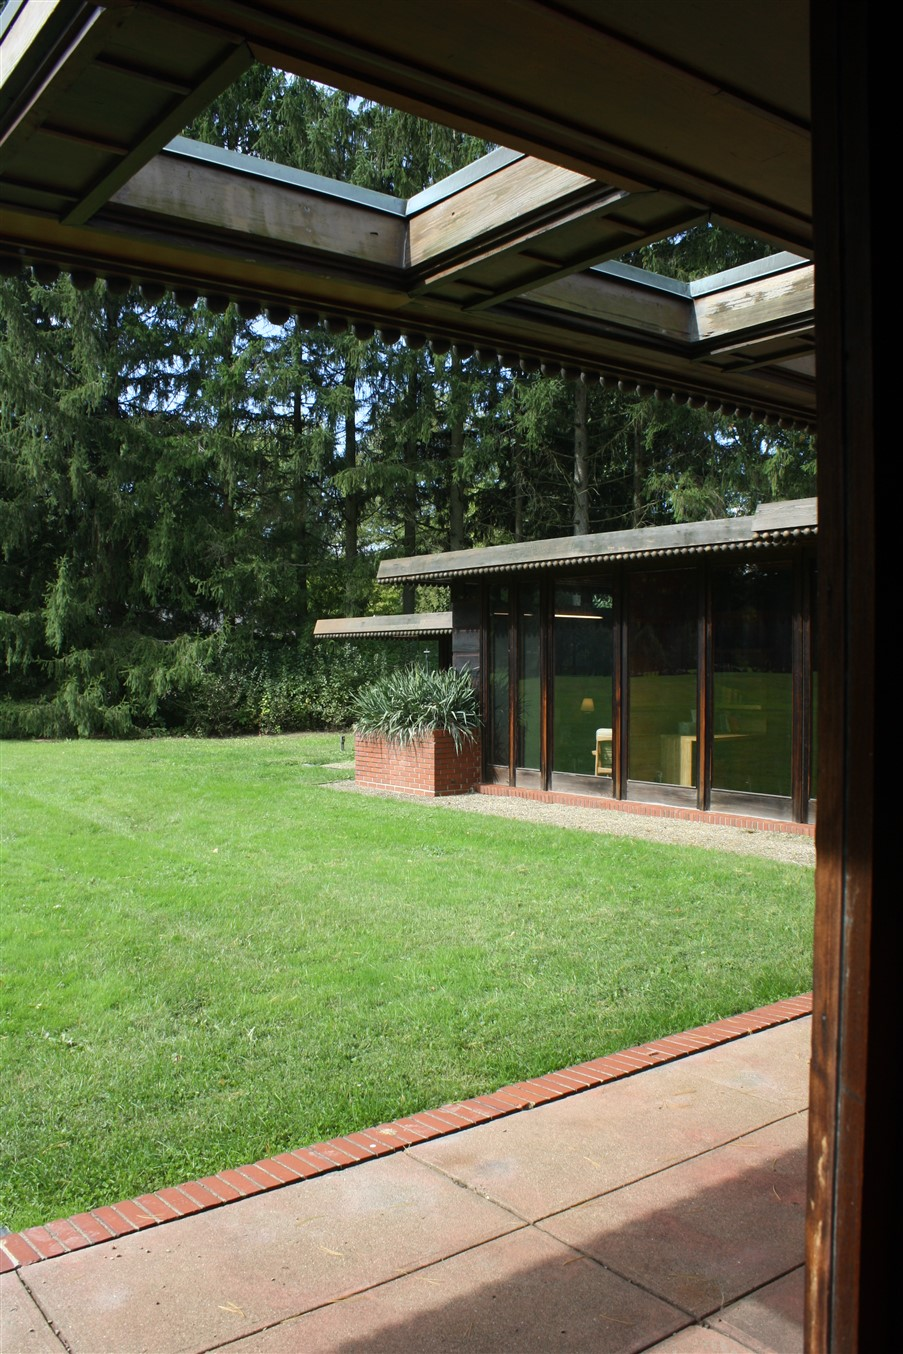 2011 10 02 27 FLW in Oberlin.jpg